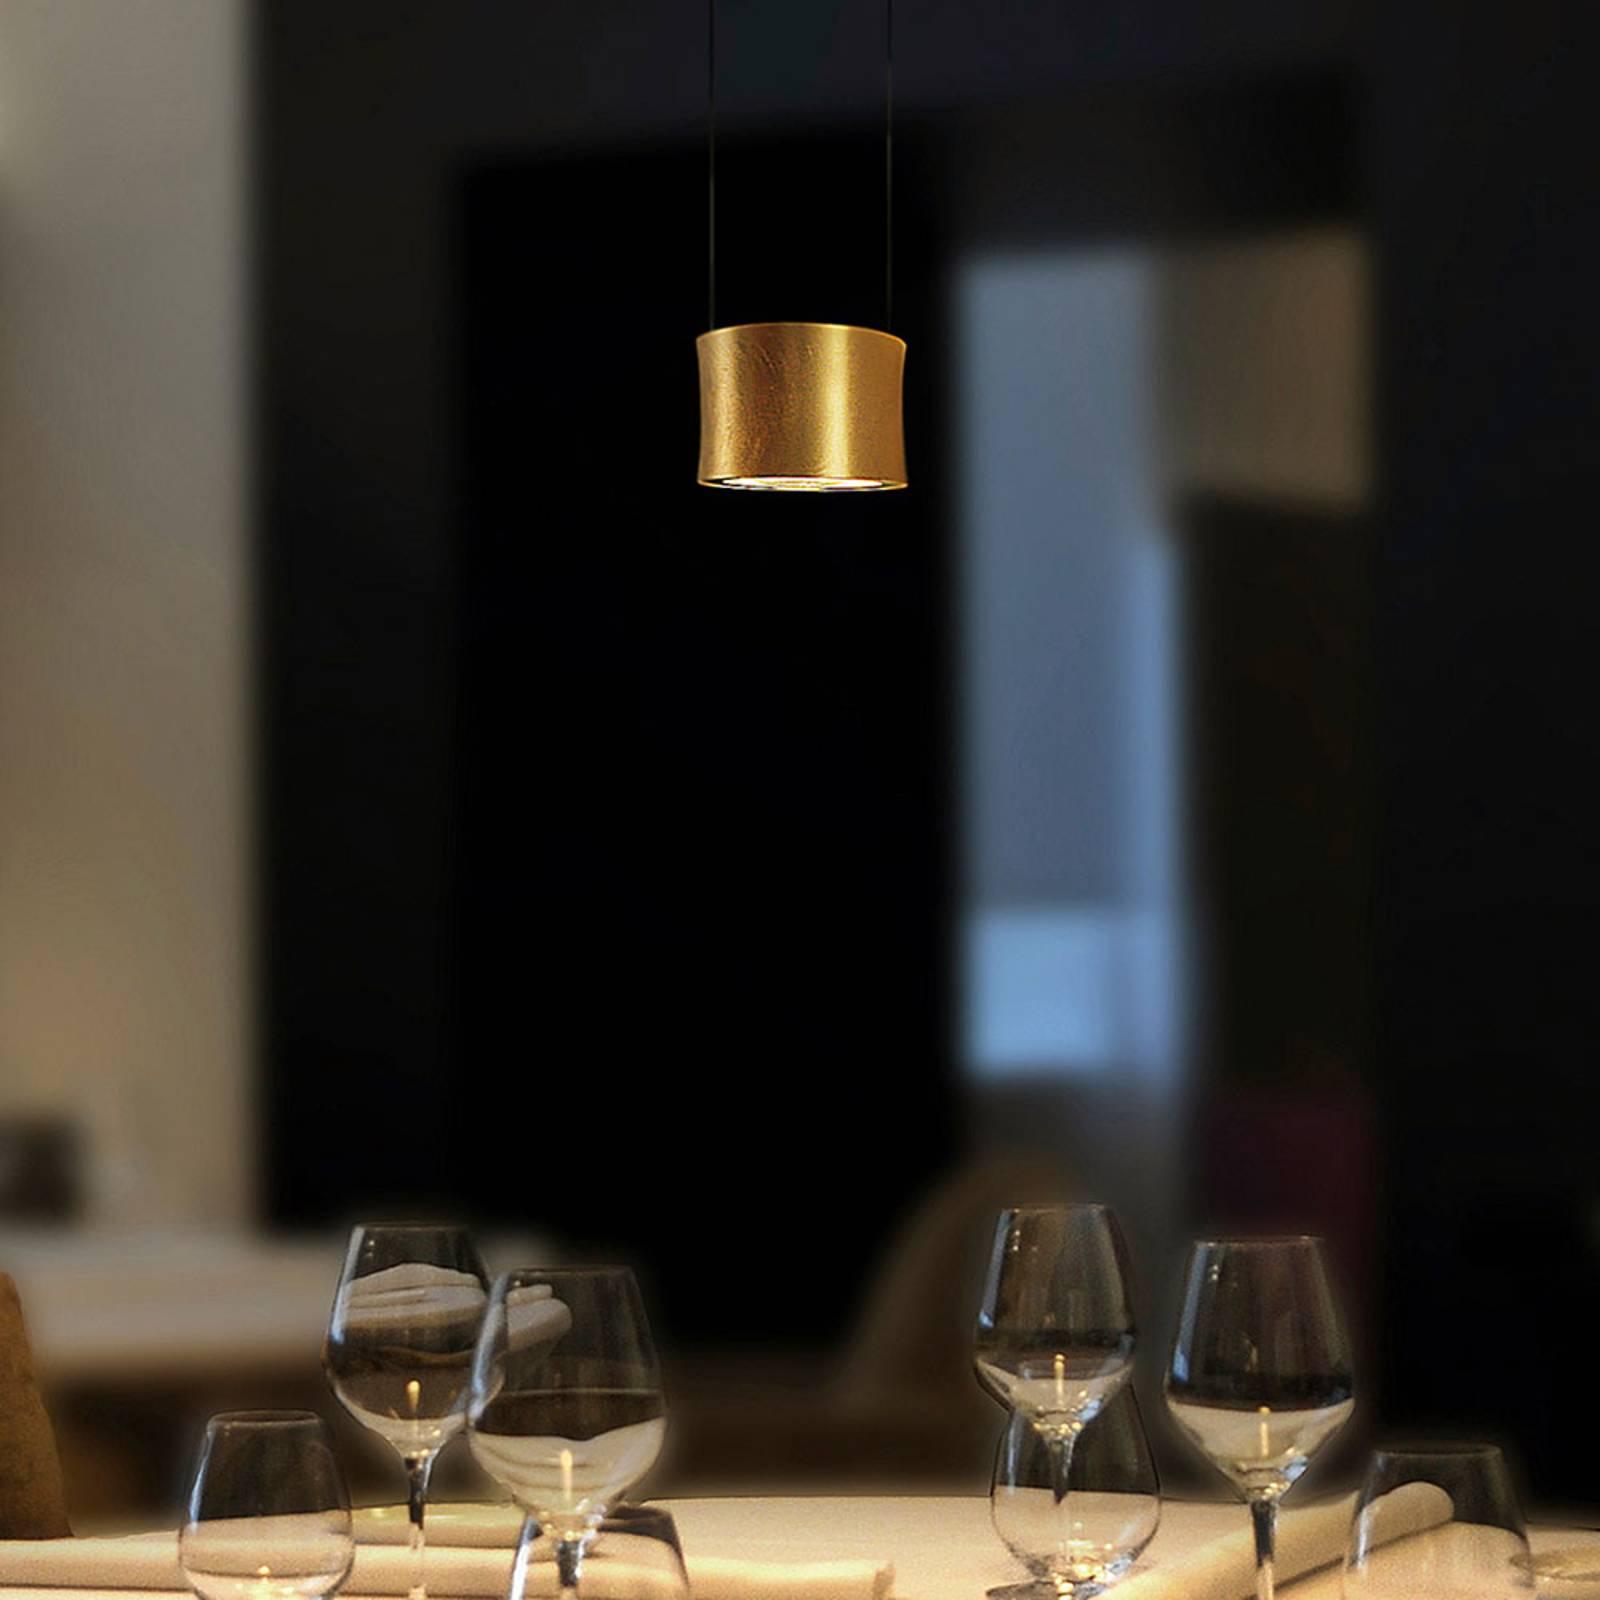 BANKAMP Impulse LED hanglamp 1-lamp goud